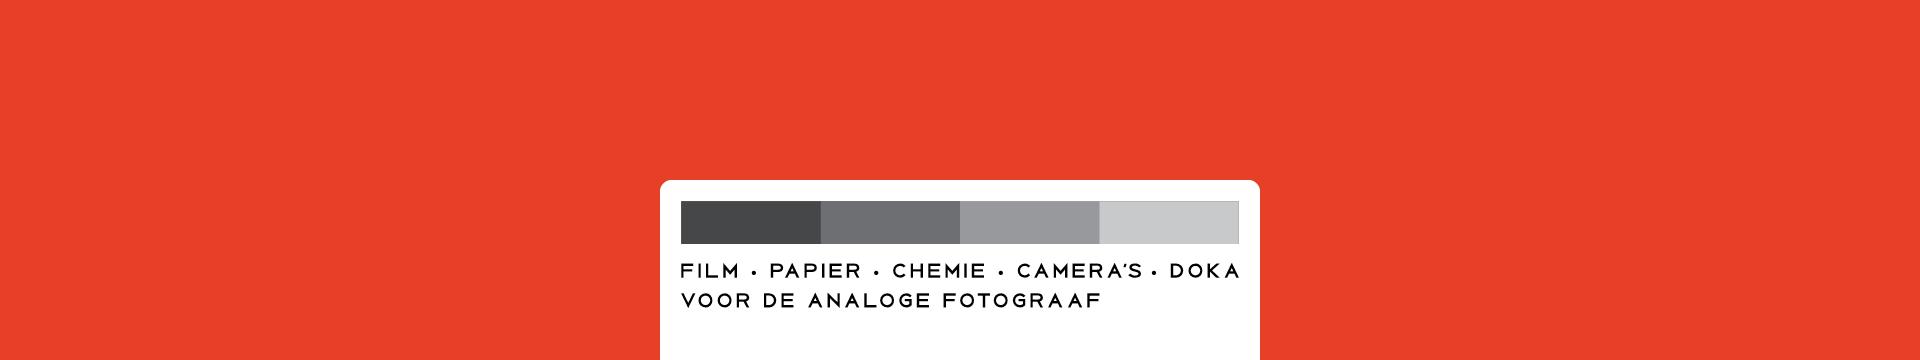 FotoFilmFabriek | Film, papier, chemie, camera's en doka voor de analoge fotograaf